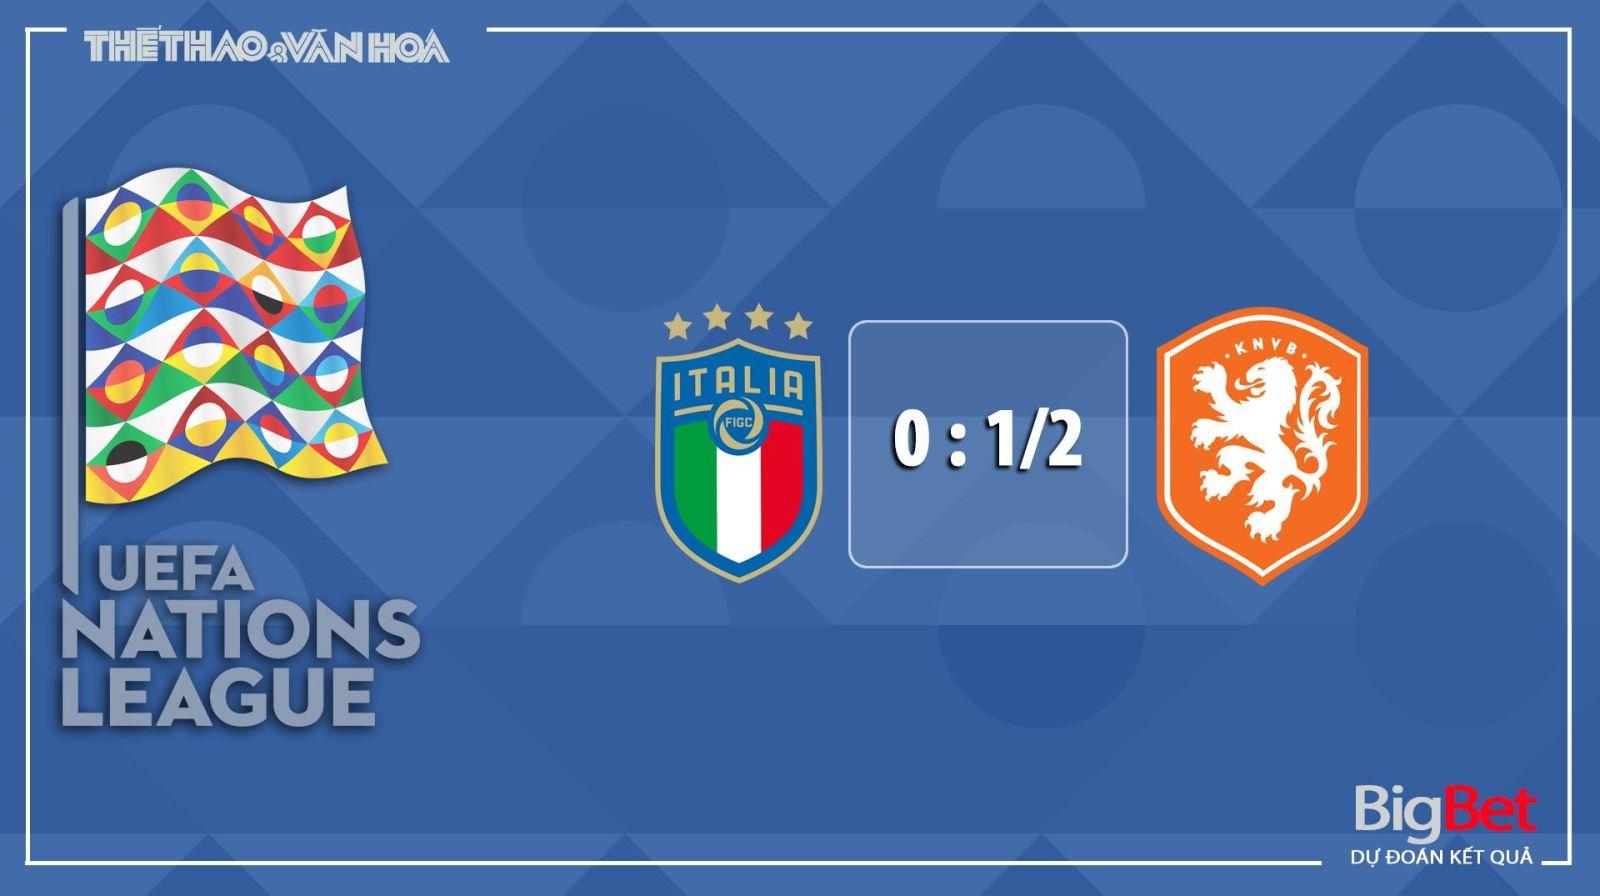 Italy vsHà Lan, Italy, Hà Lan, trực tiếp Italy vsHà Lan, so kèo Italy vsHà Lan, nhận định Italy vsHà Lan, kèo bóng đá Italy vsHà Lan